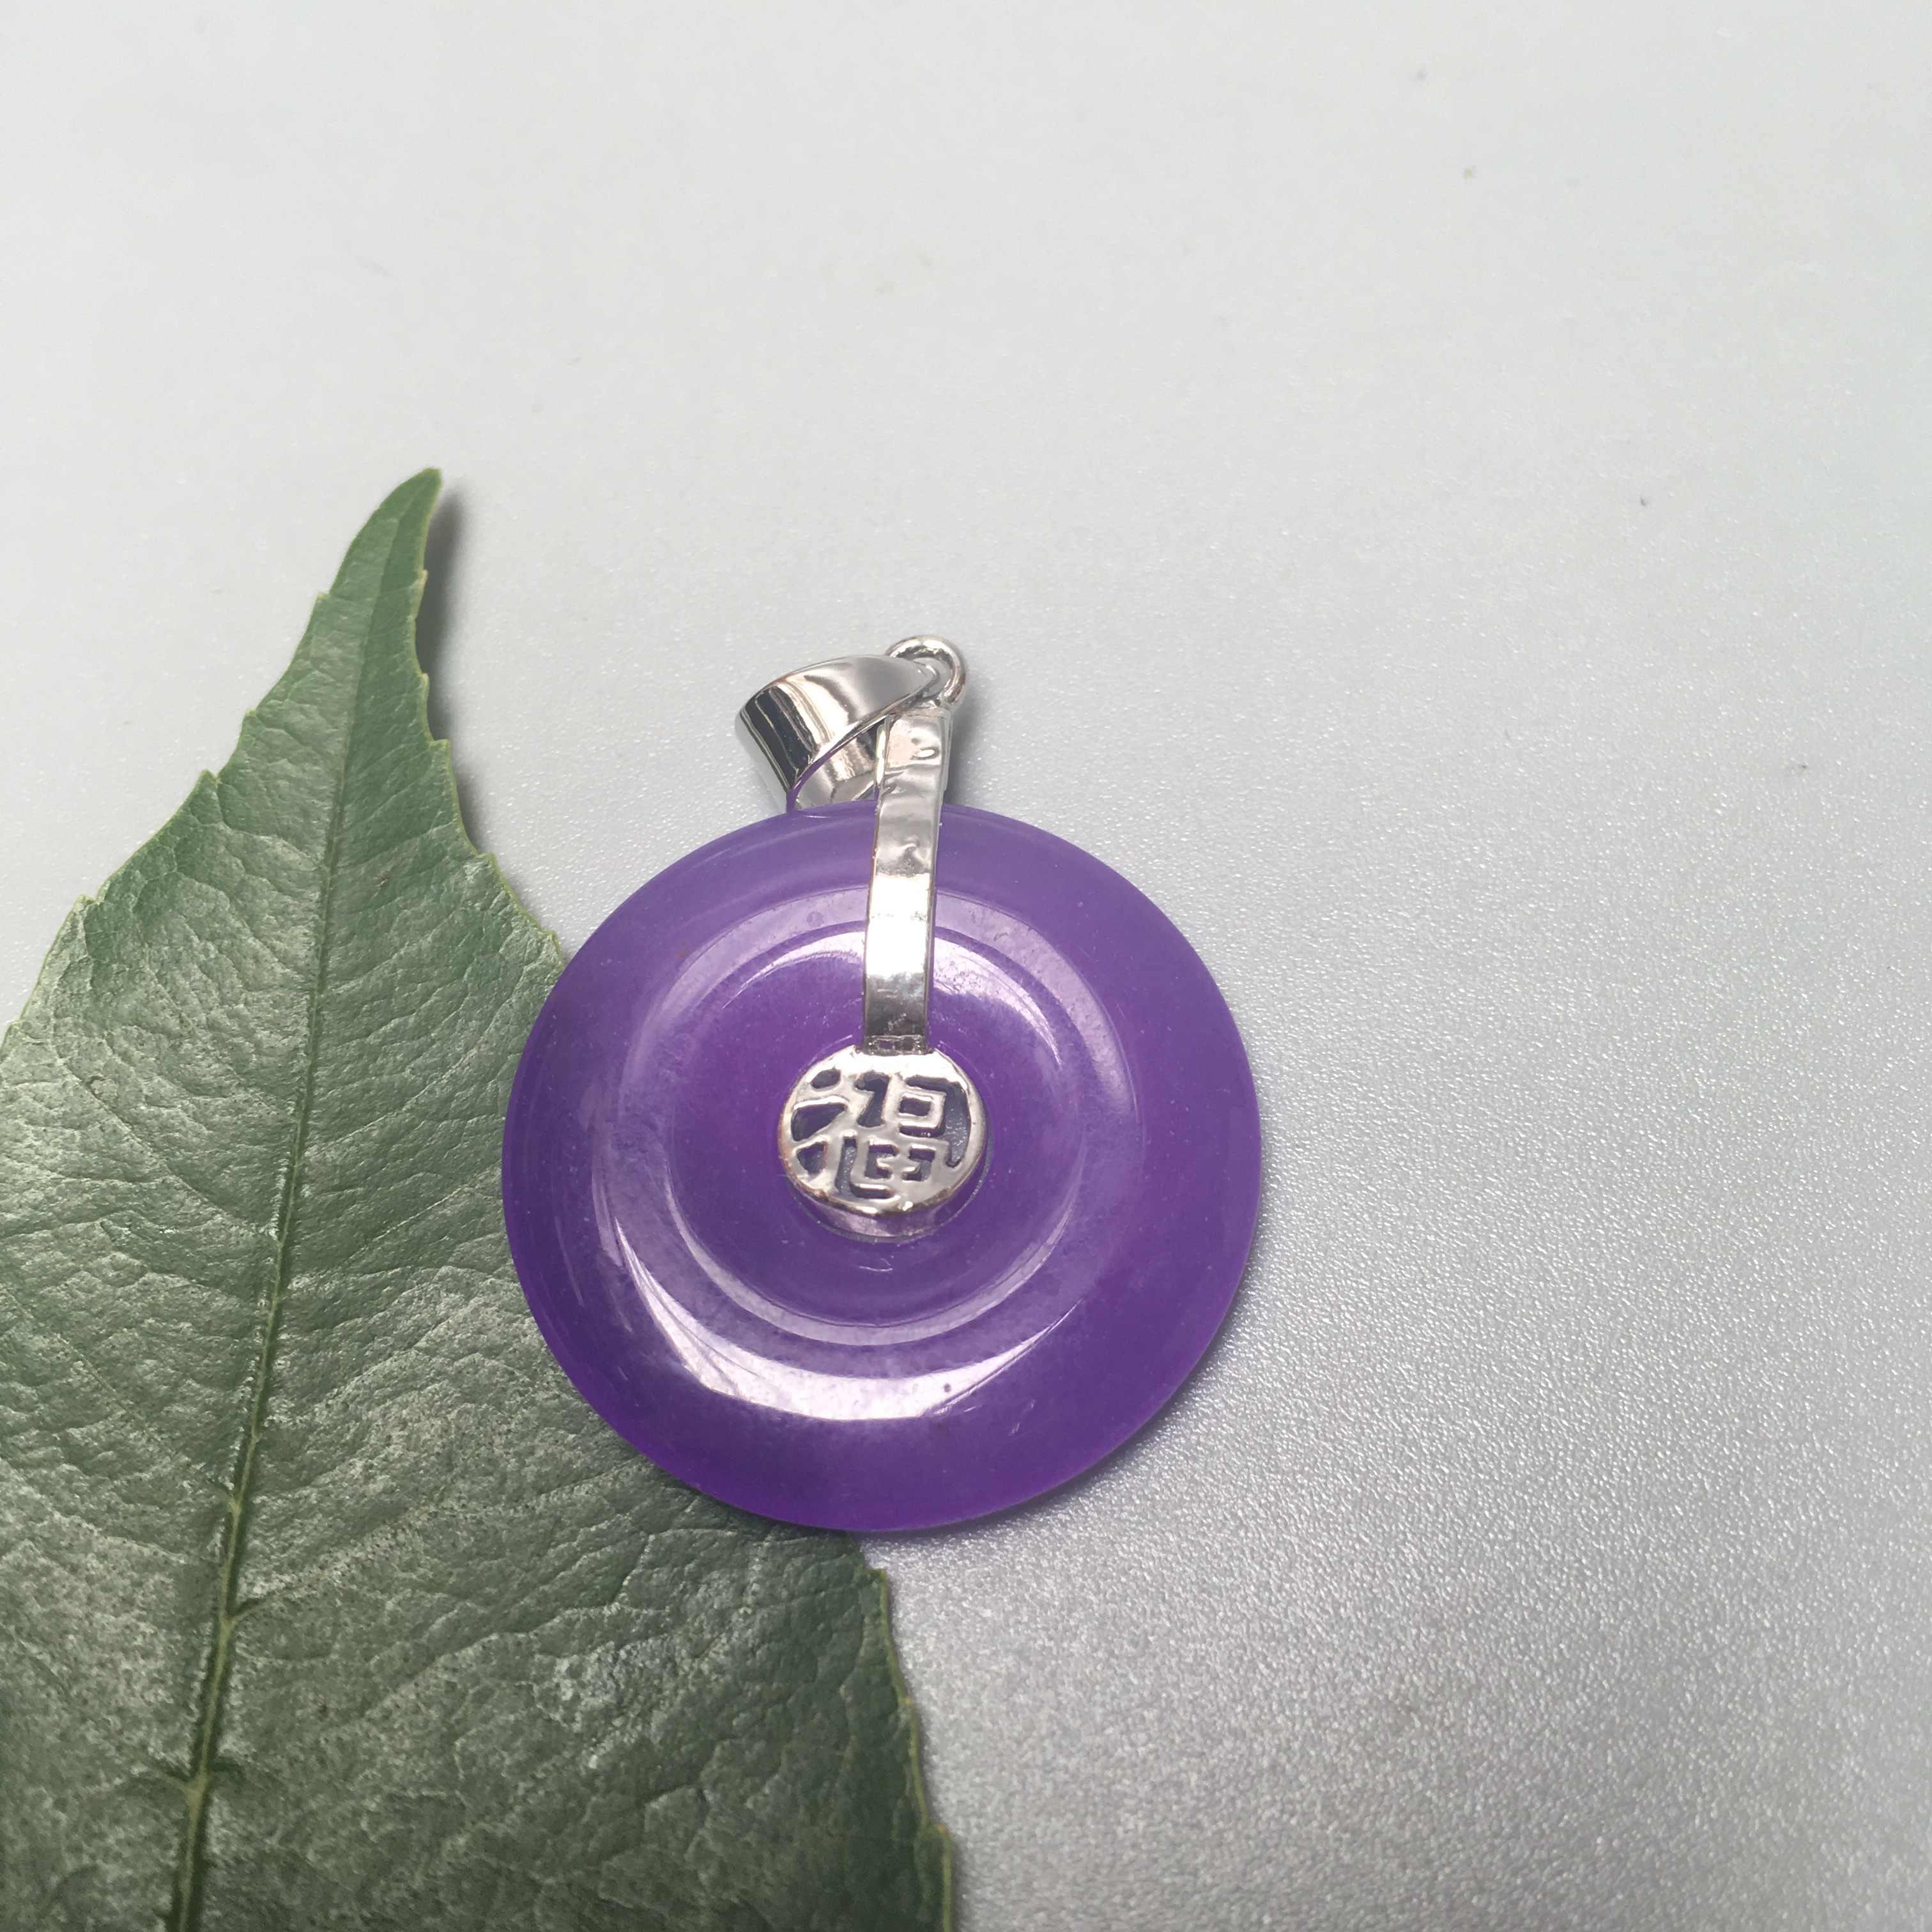 Mais cor Dragão de Prata Redonda do Pendente da jóia Colar fivela de Segurança dar cadeia